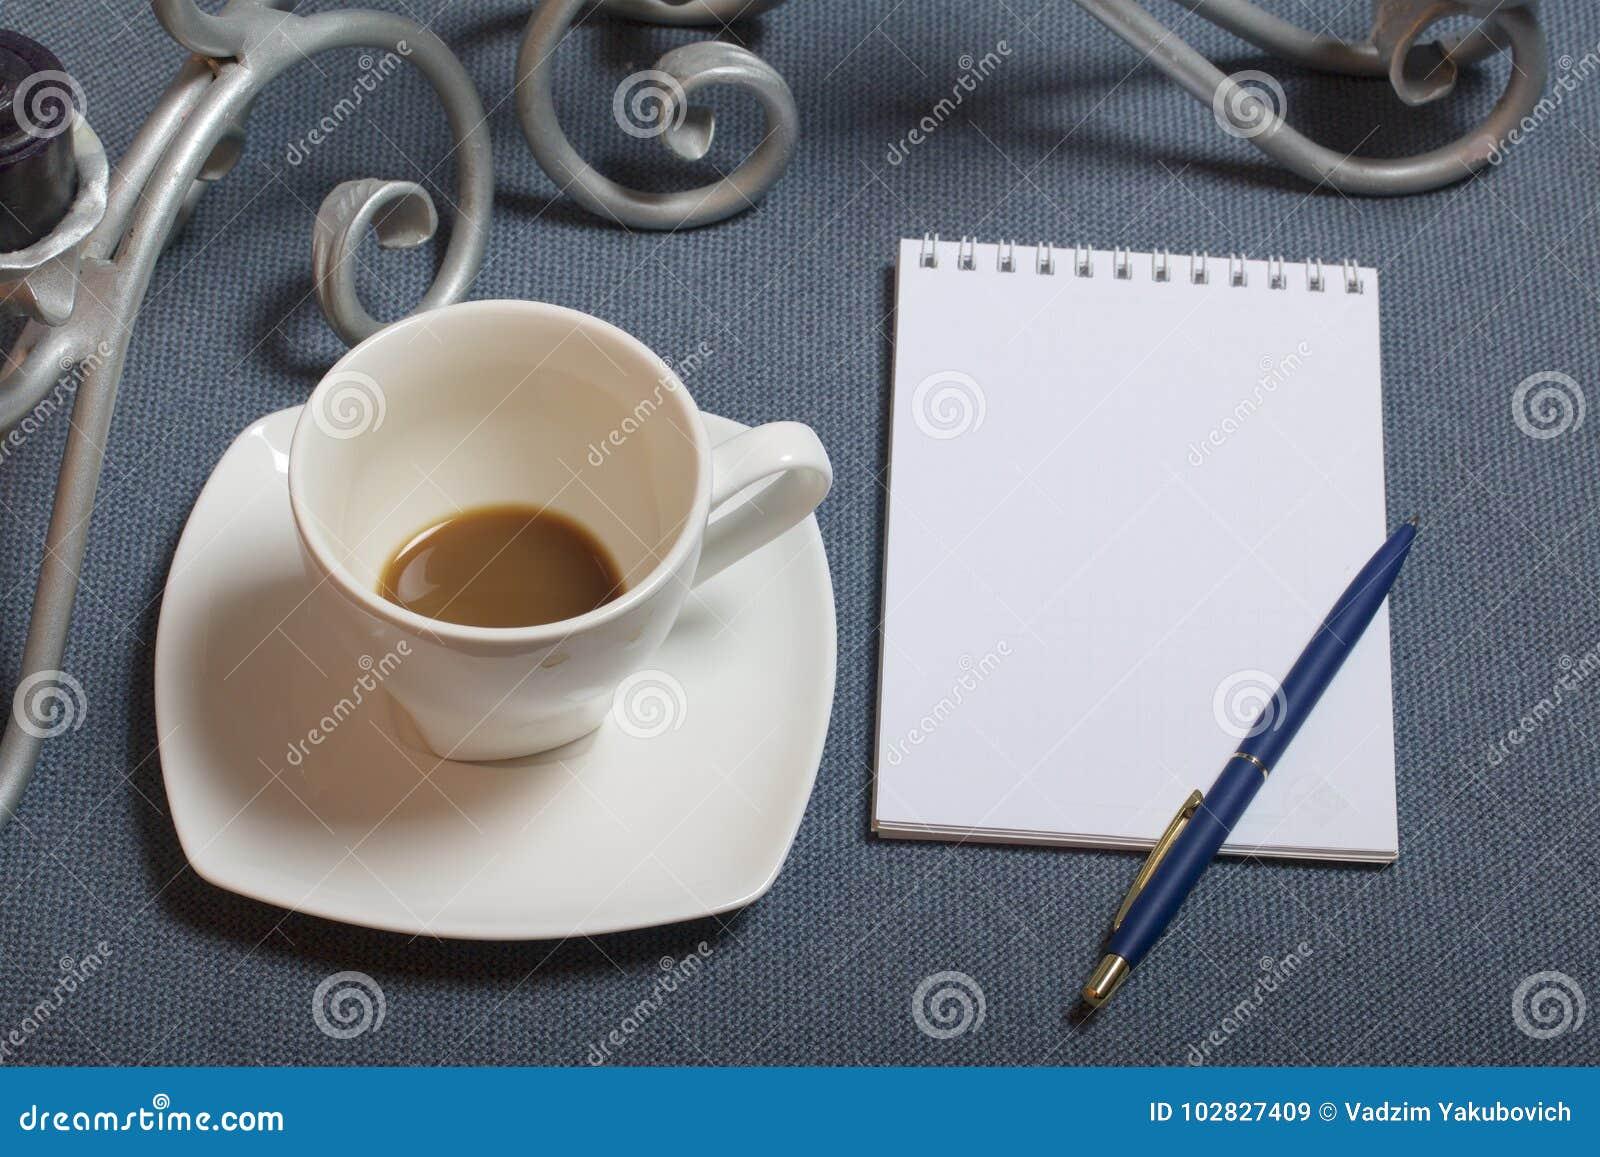 Chandelier forgé en métal avec des bougies Une tasse avec du café inapprouvé Il y a un bloc-notes ouvert et un stylo Feuilles d a